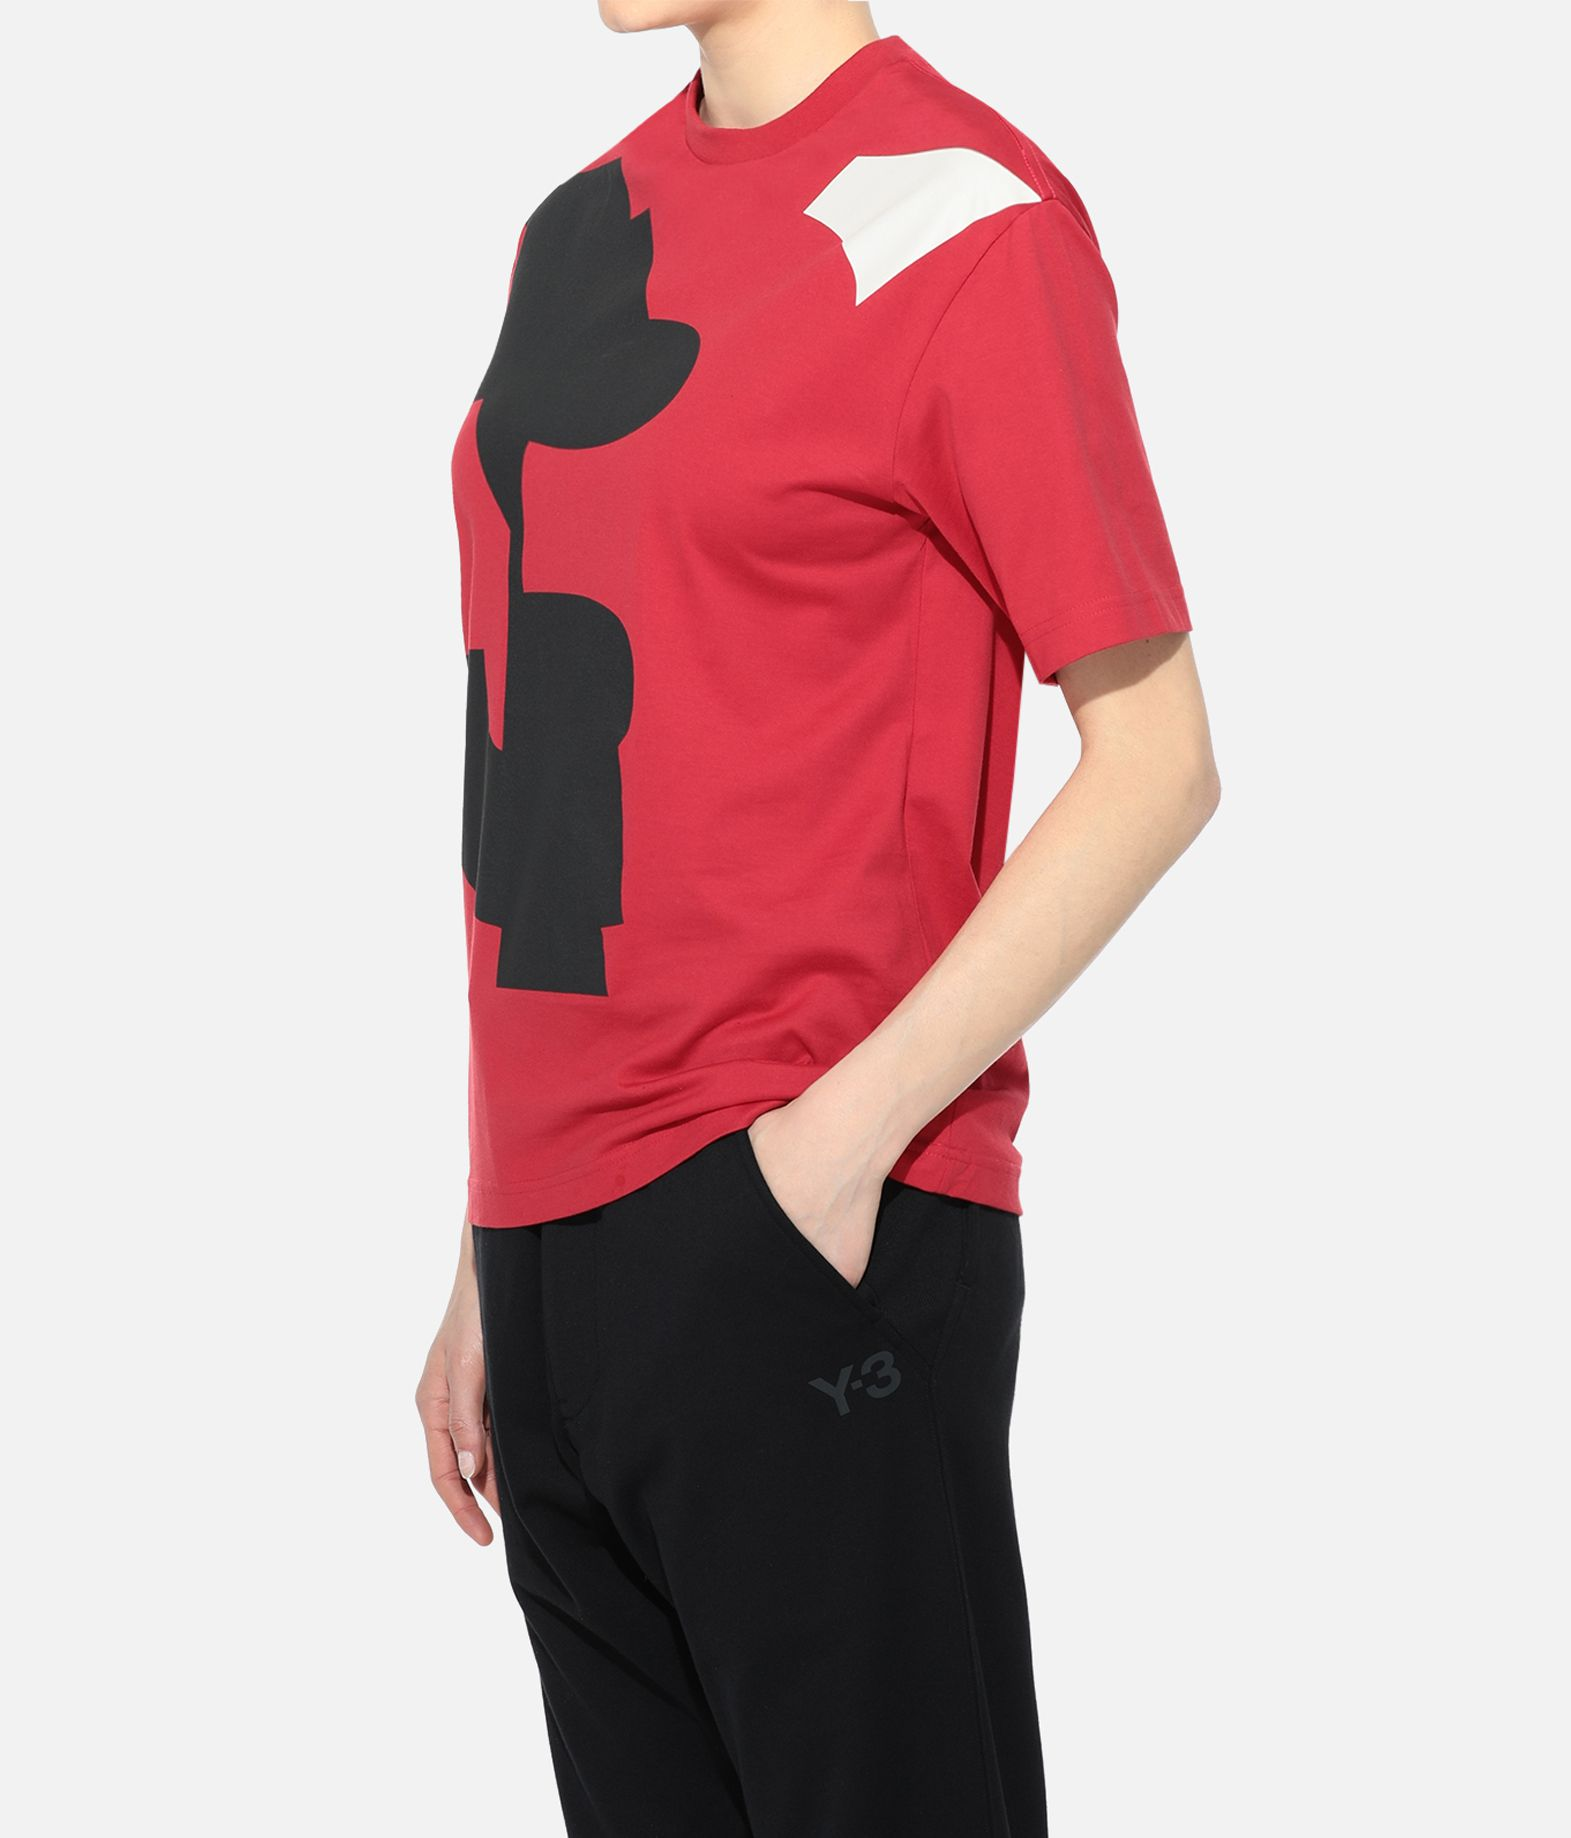 Y-3 Y-3 GRAPHIC TEE Футболка с короткими рукавами Для Женщин e